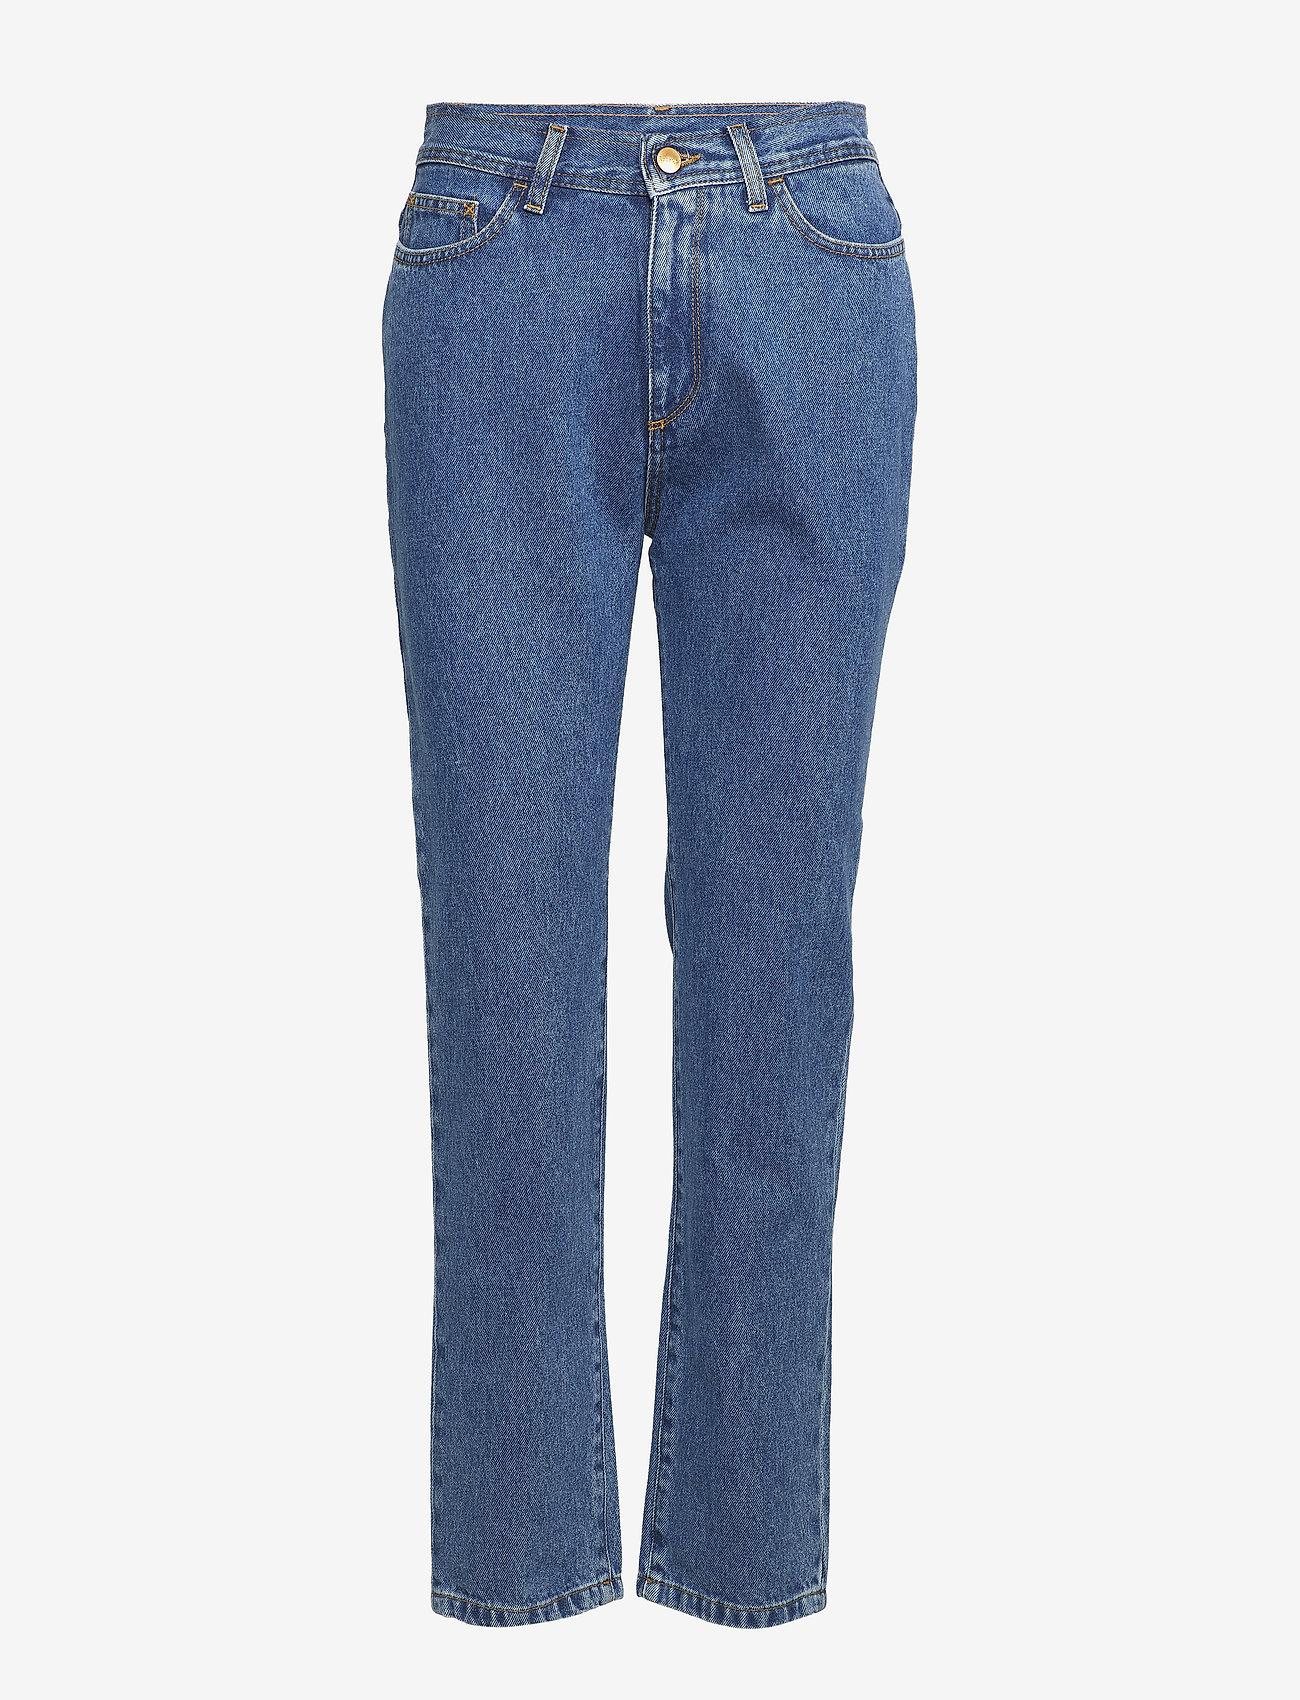 RODEBJER - SUSAN - slim jeans - vintage blue - 0